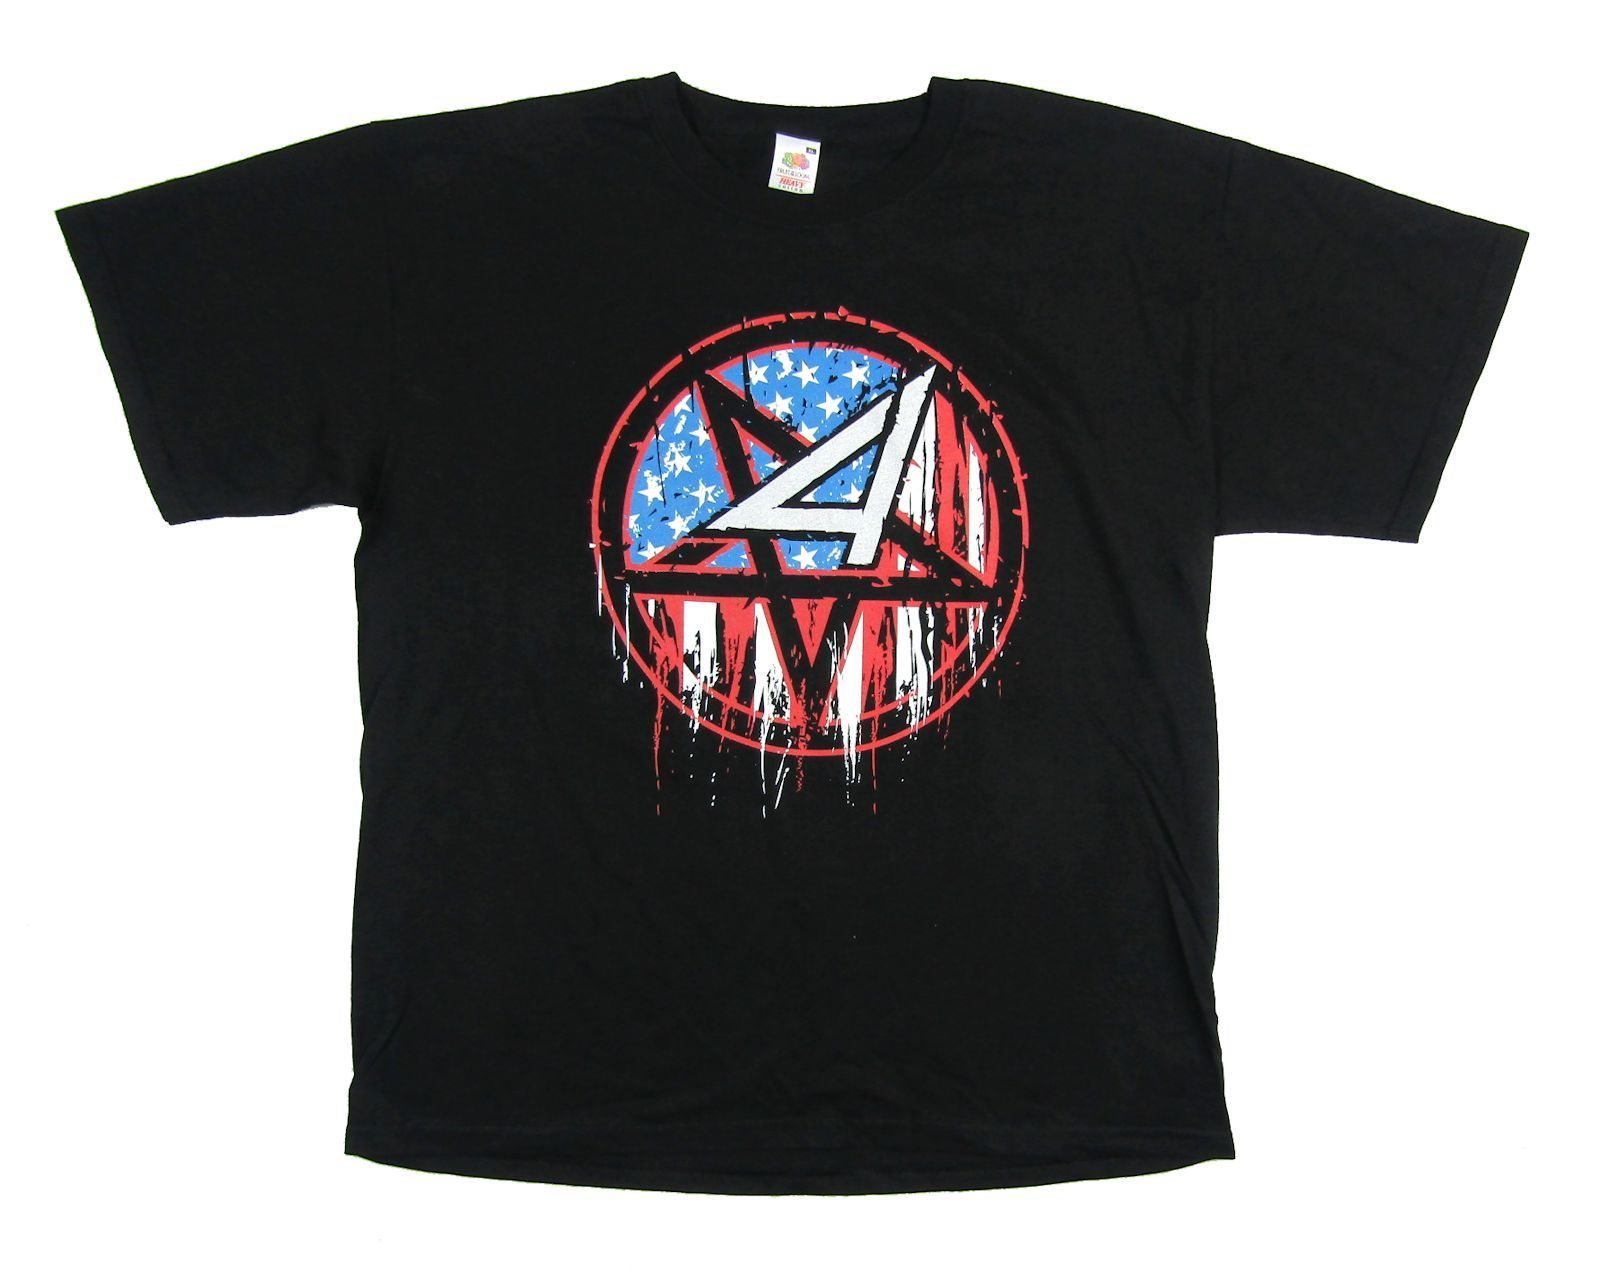 Anthrax флаг Pentragram Мош Предупреждение знак черная футболка новый официальный Мерч группы Дизайн футболка с короткими руками